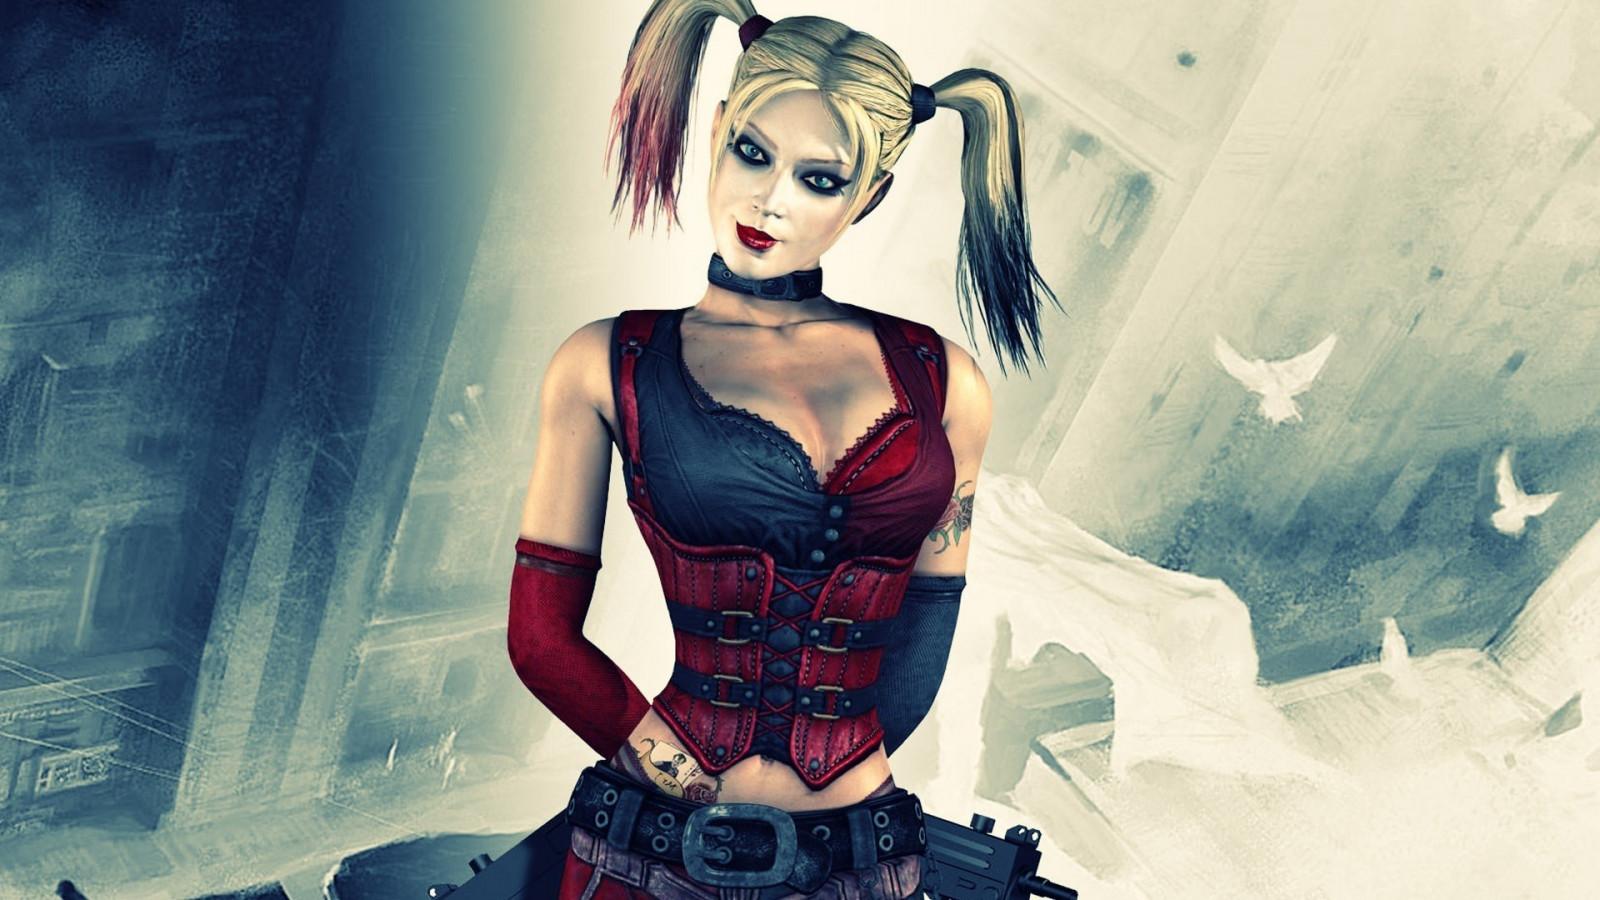 Wallpaper : illustration, video games, anime, Harley Quinn